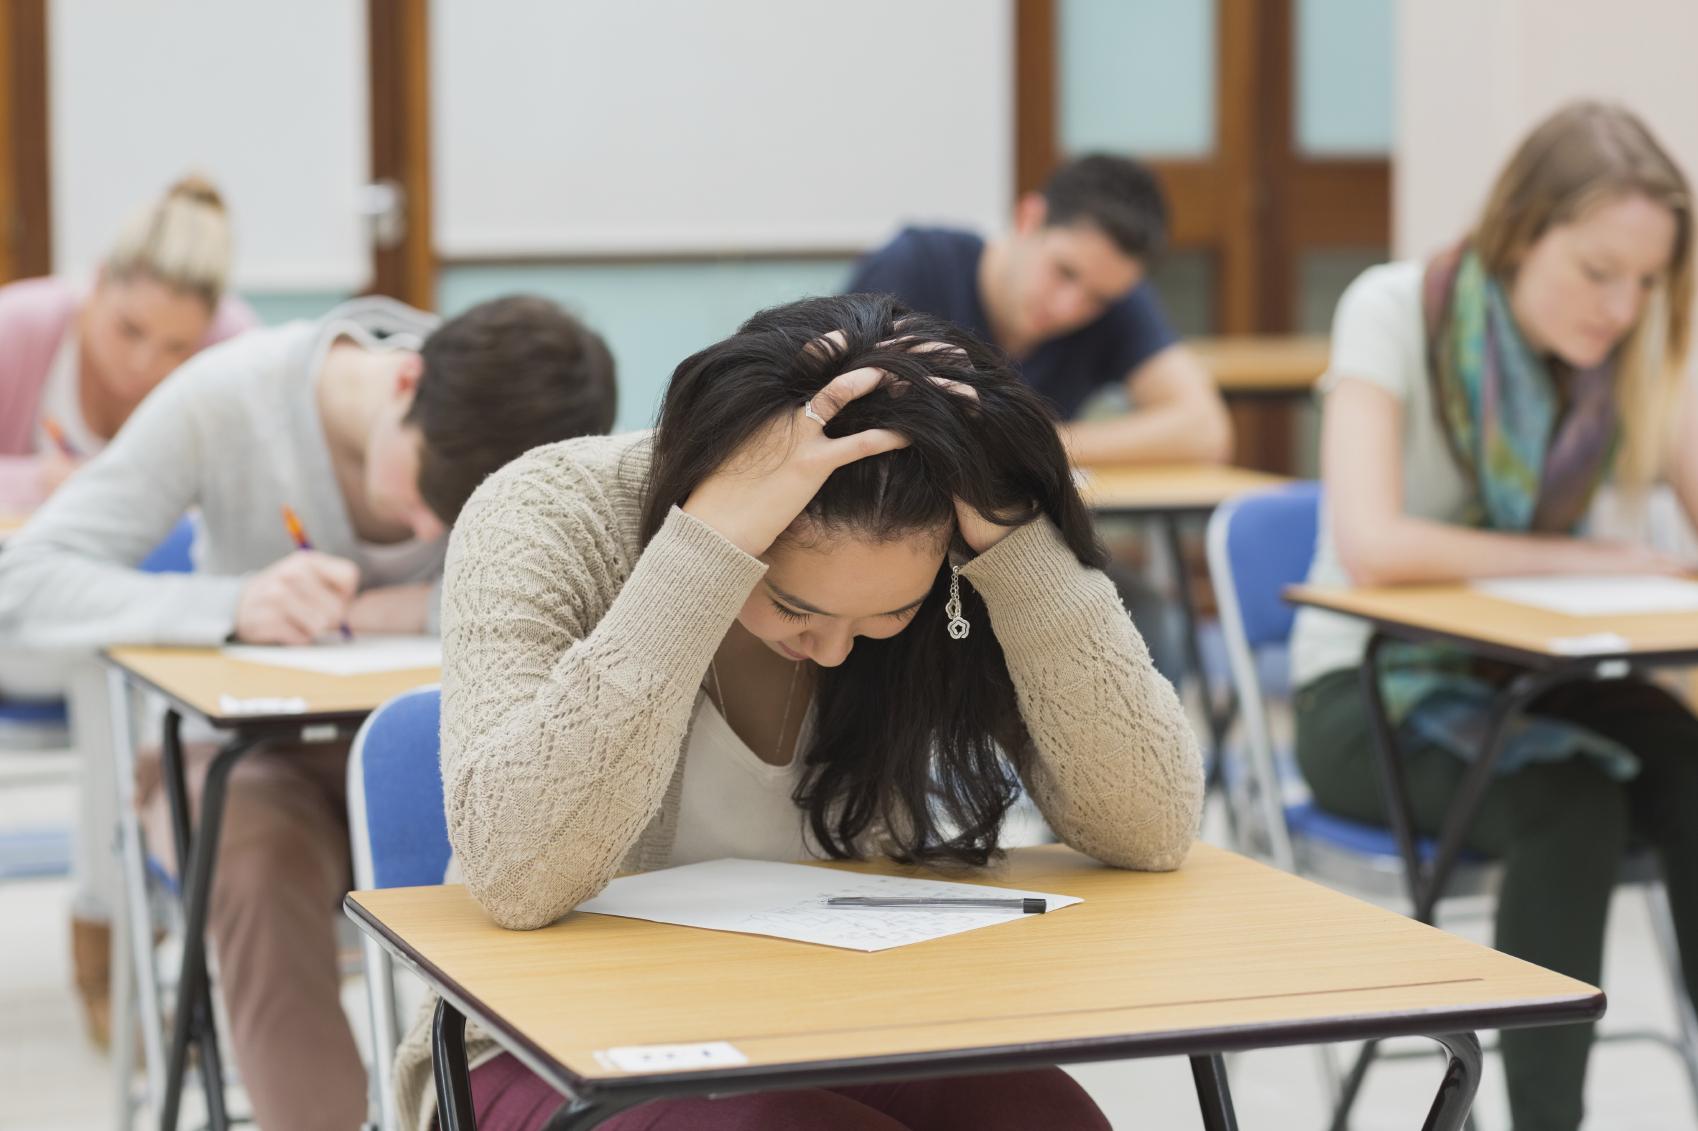 Persona sentada en una mesa con ansiedad mientras hace un examen